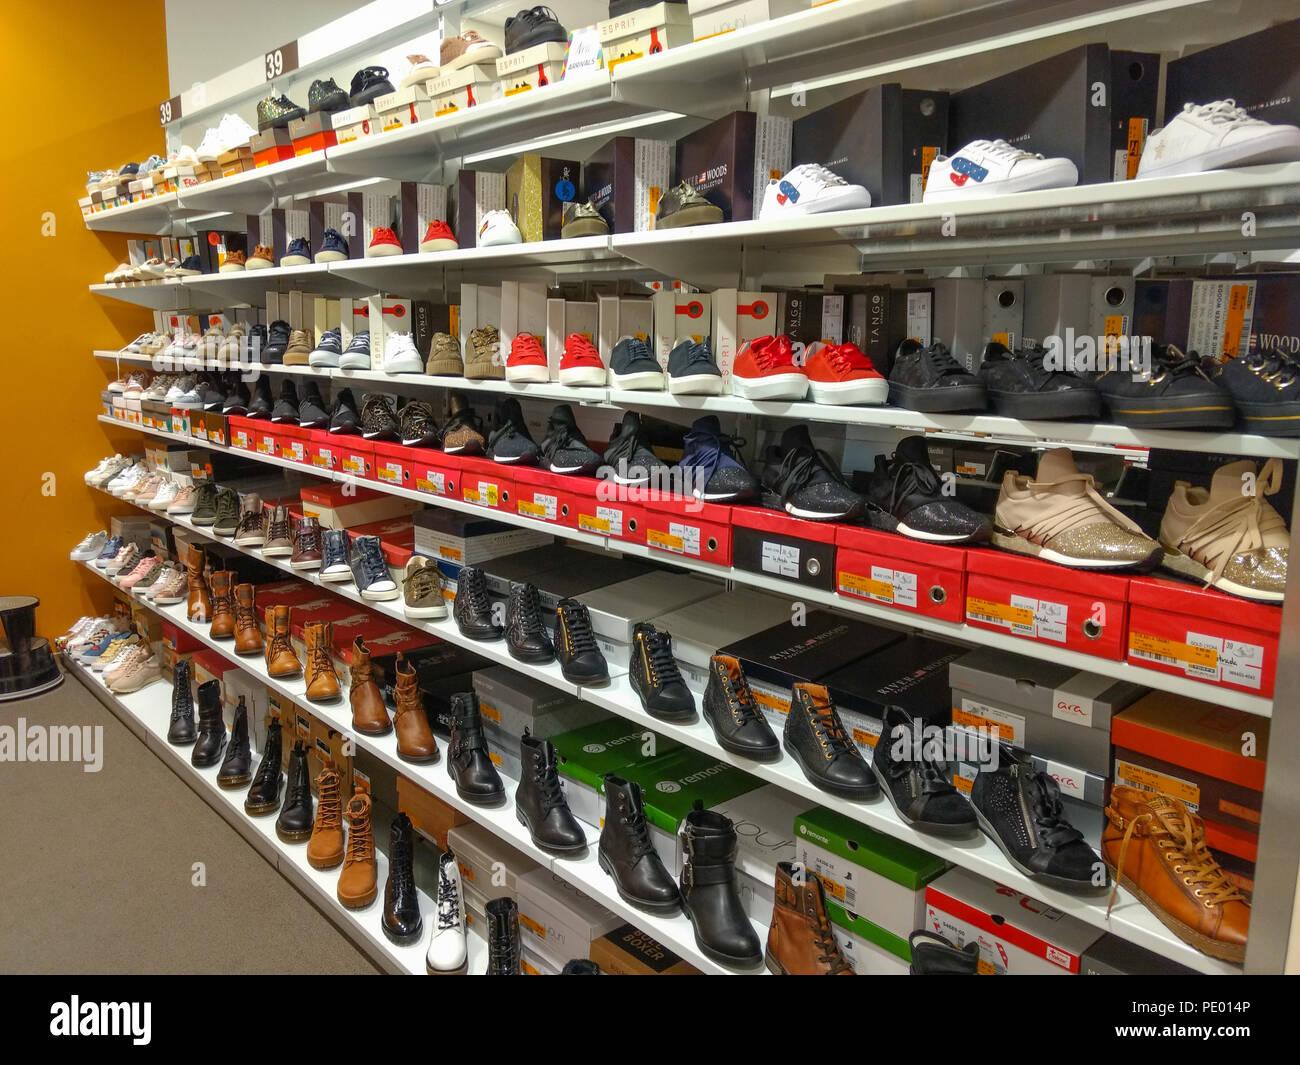 Scarpe donna visualizzati su ripiani di deposito di pattino. Si tratta di  una vendita in corso in modo che la maggior parte delle calzature sono  scontati. 4eaa4f7c56f